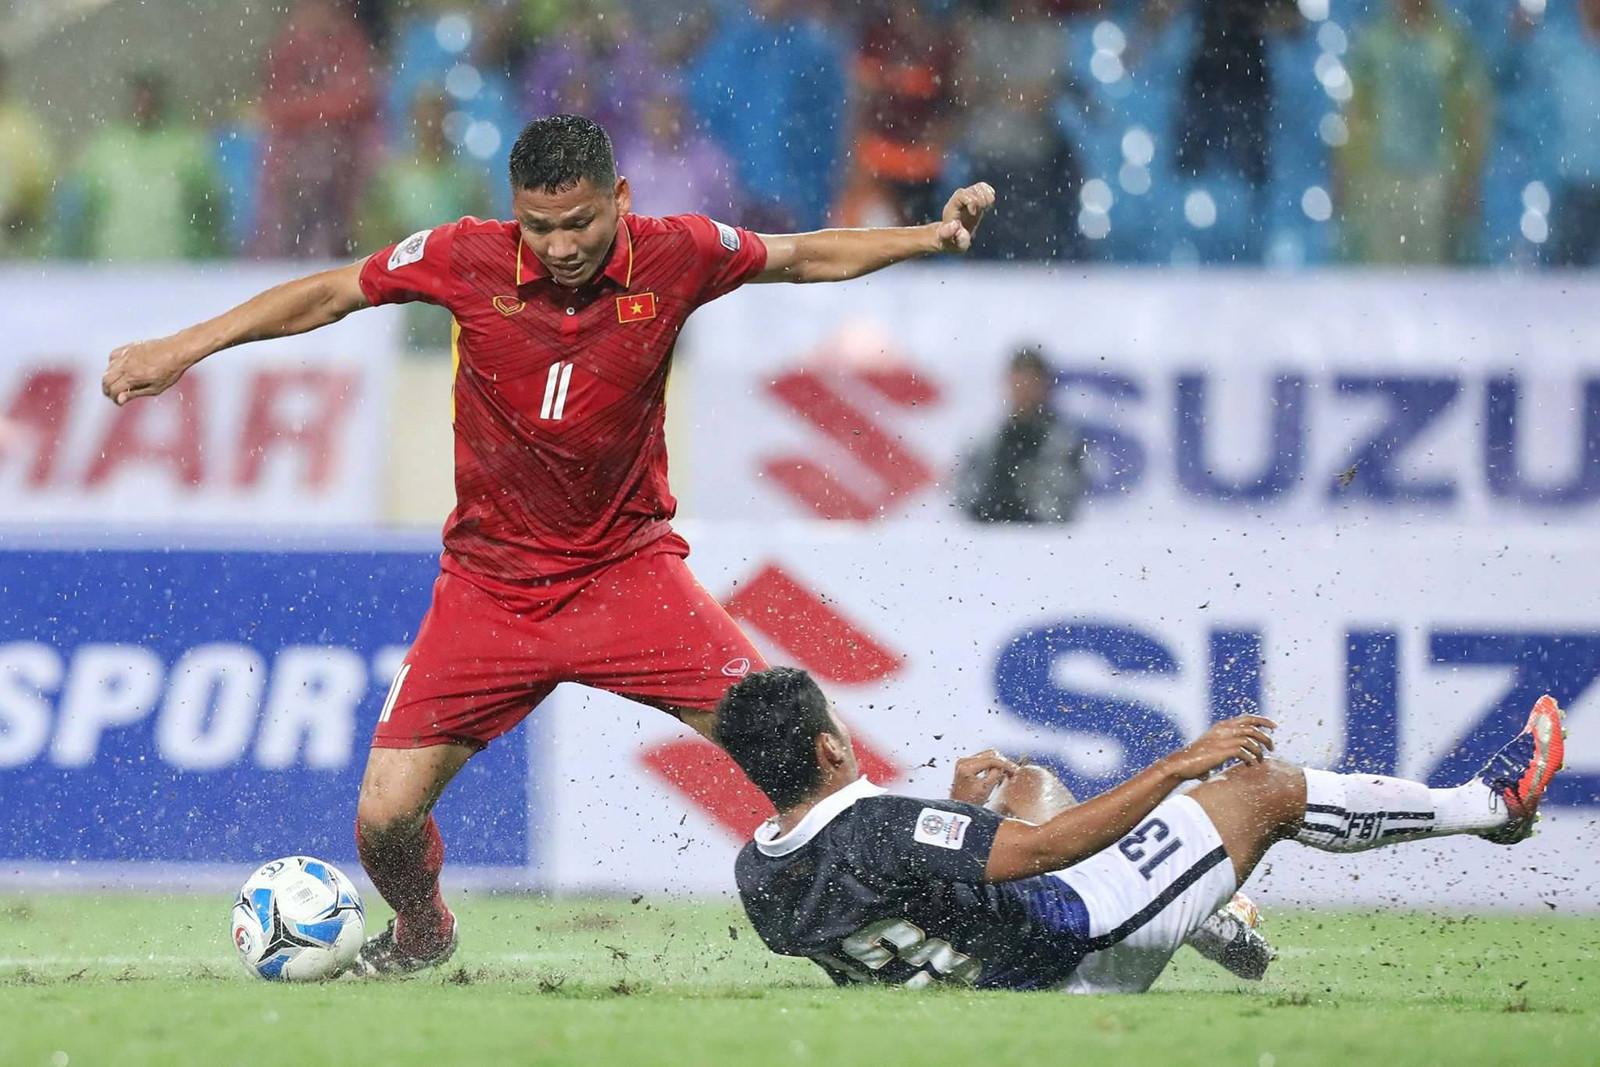 Thắng Campuchia 5-0, ĐT Việt Nam rộng đường vào VCK Asian Cup 2019